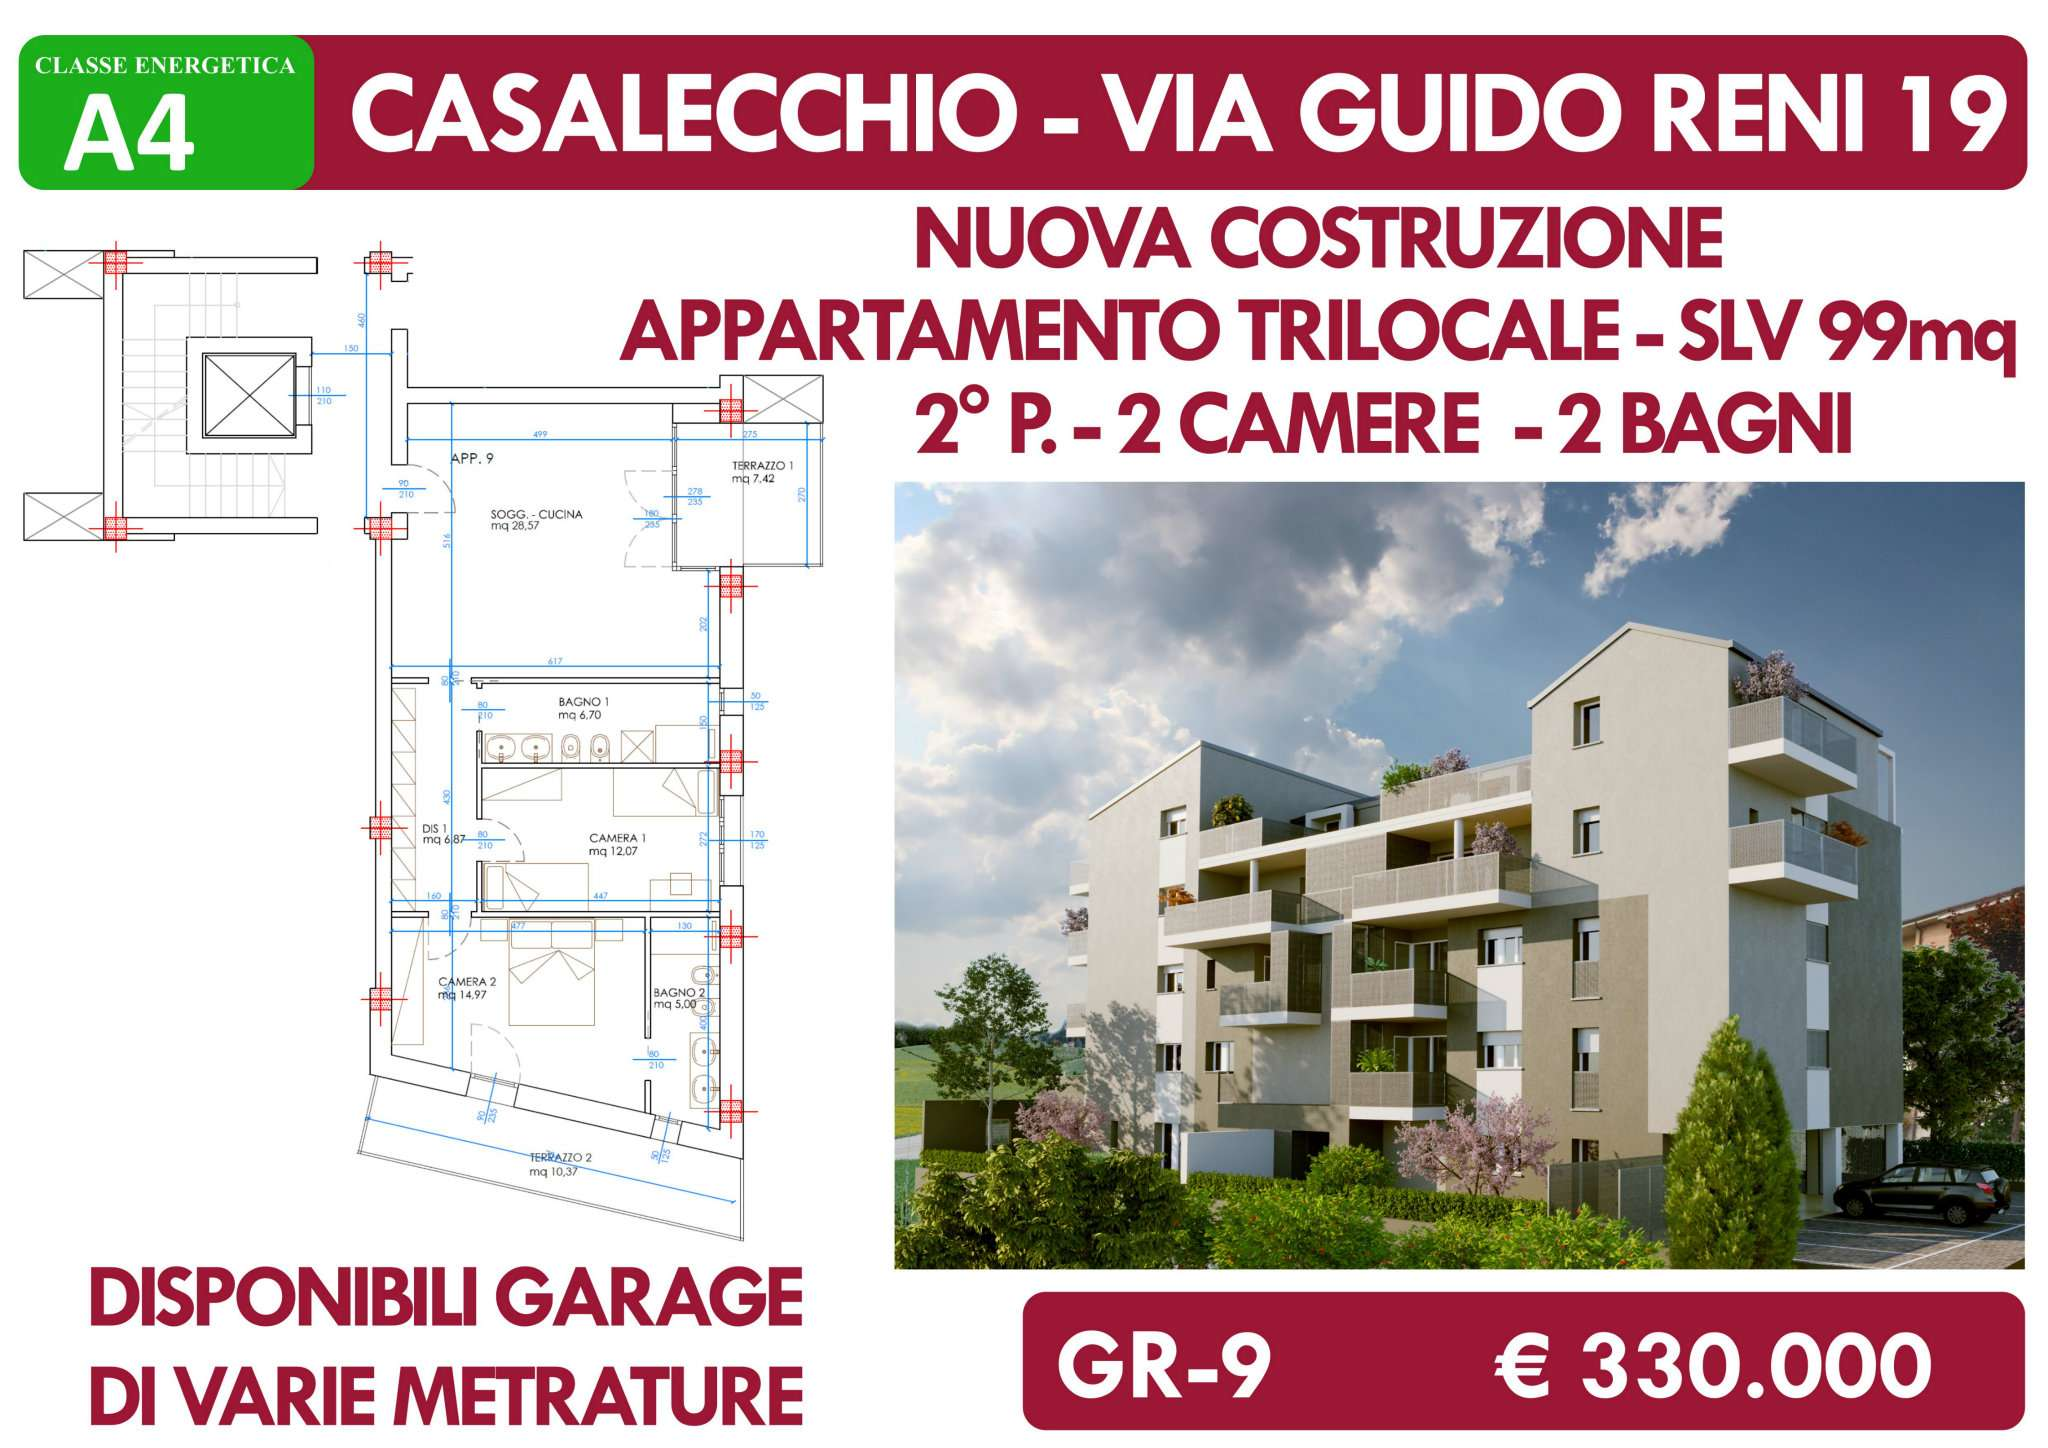 Appartamento in vendita a Casalecchio di Reno, 4 locali, prezzo € 330.000 | PortaleAgenzieImmobiliari.it